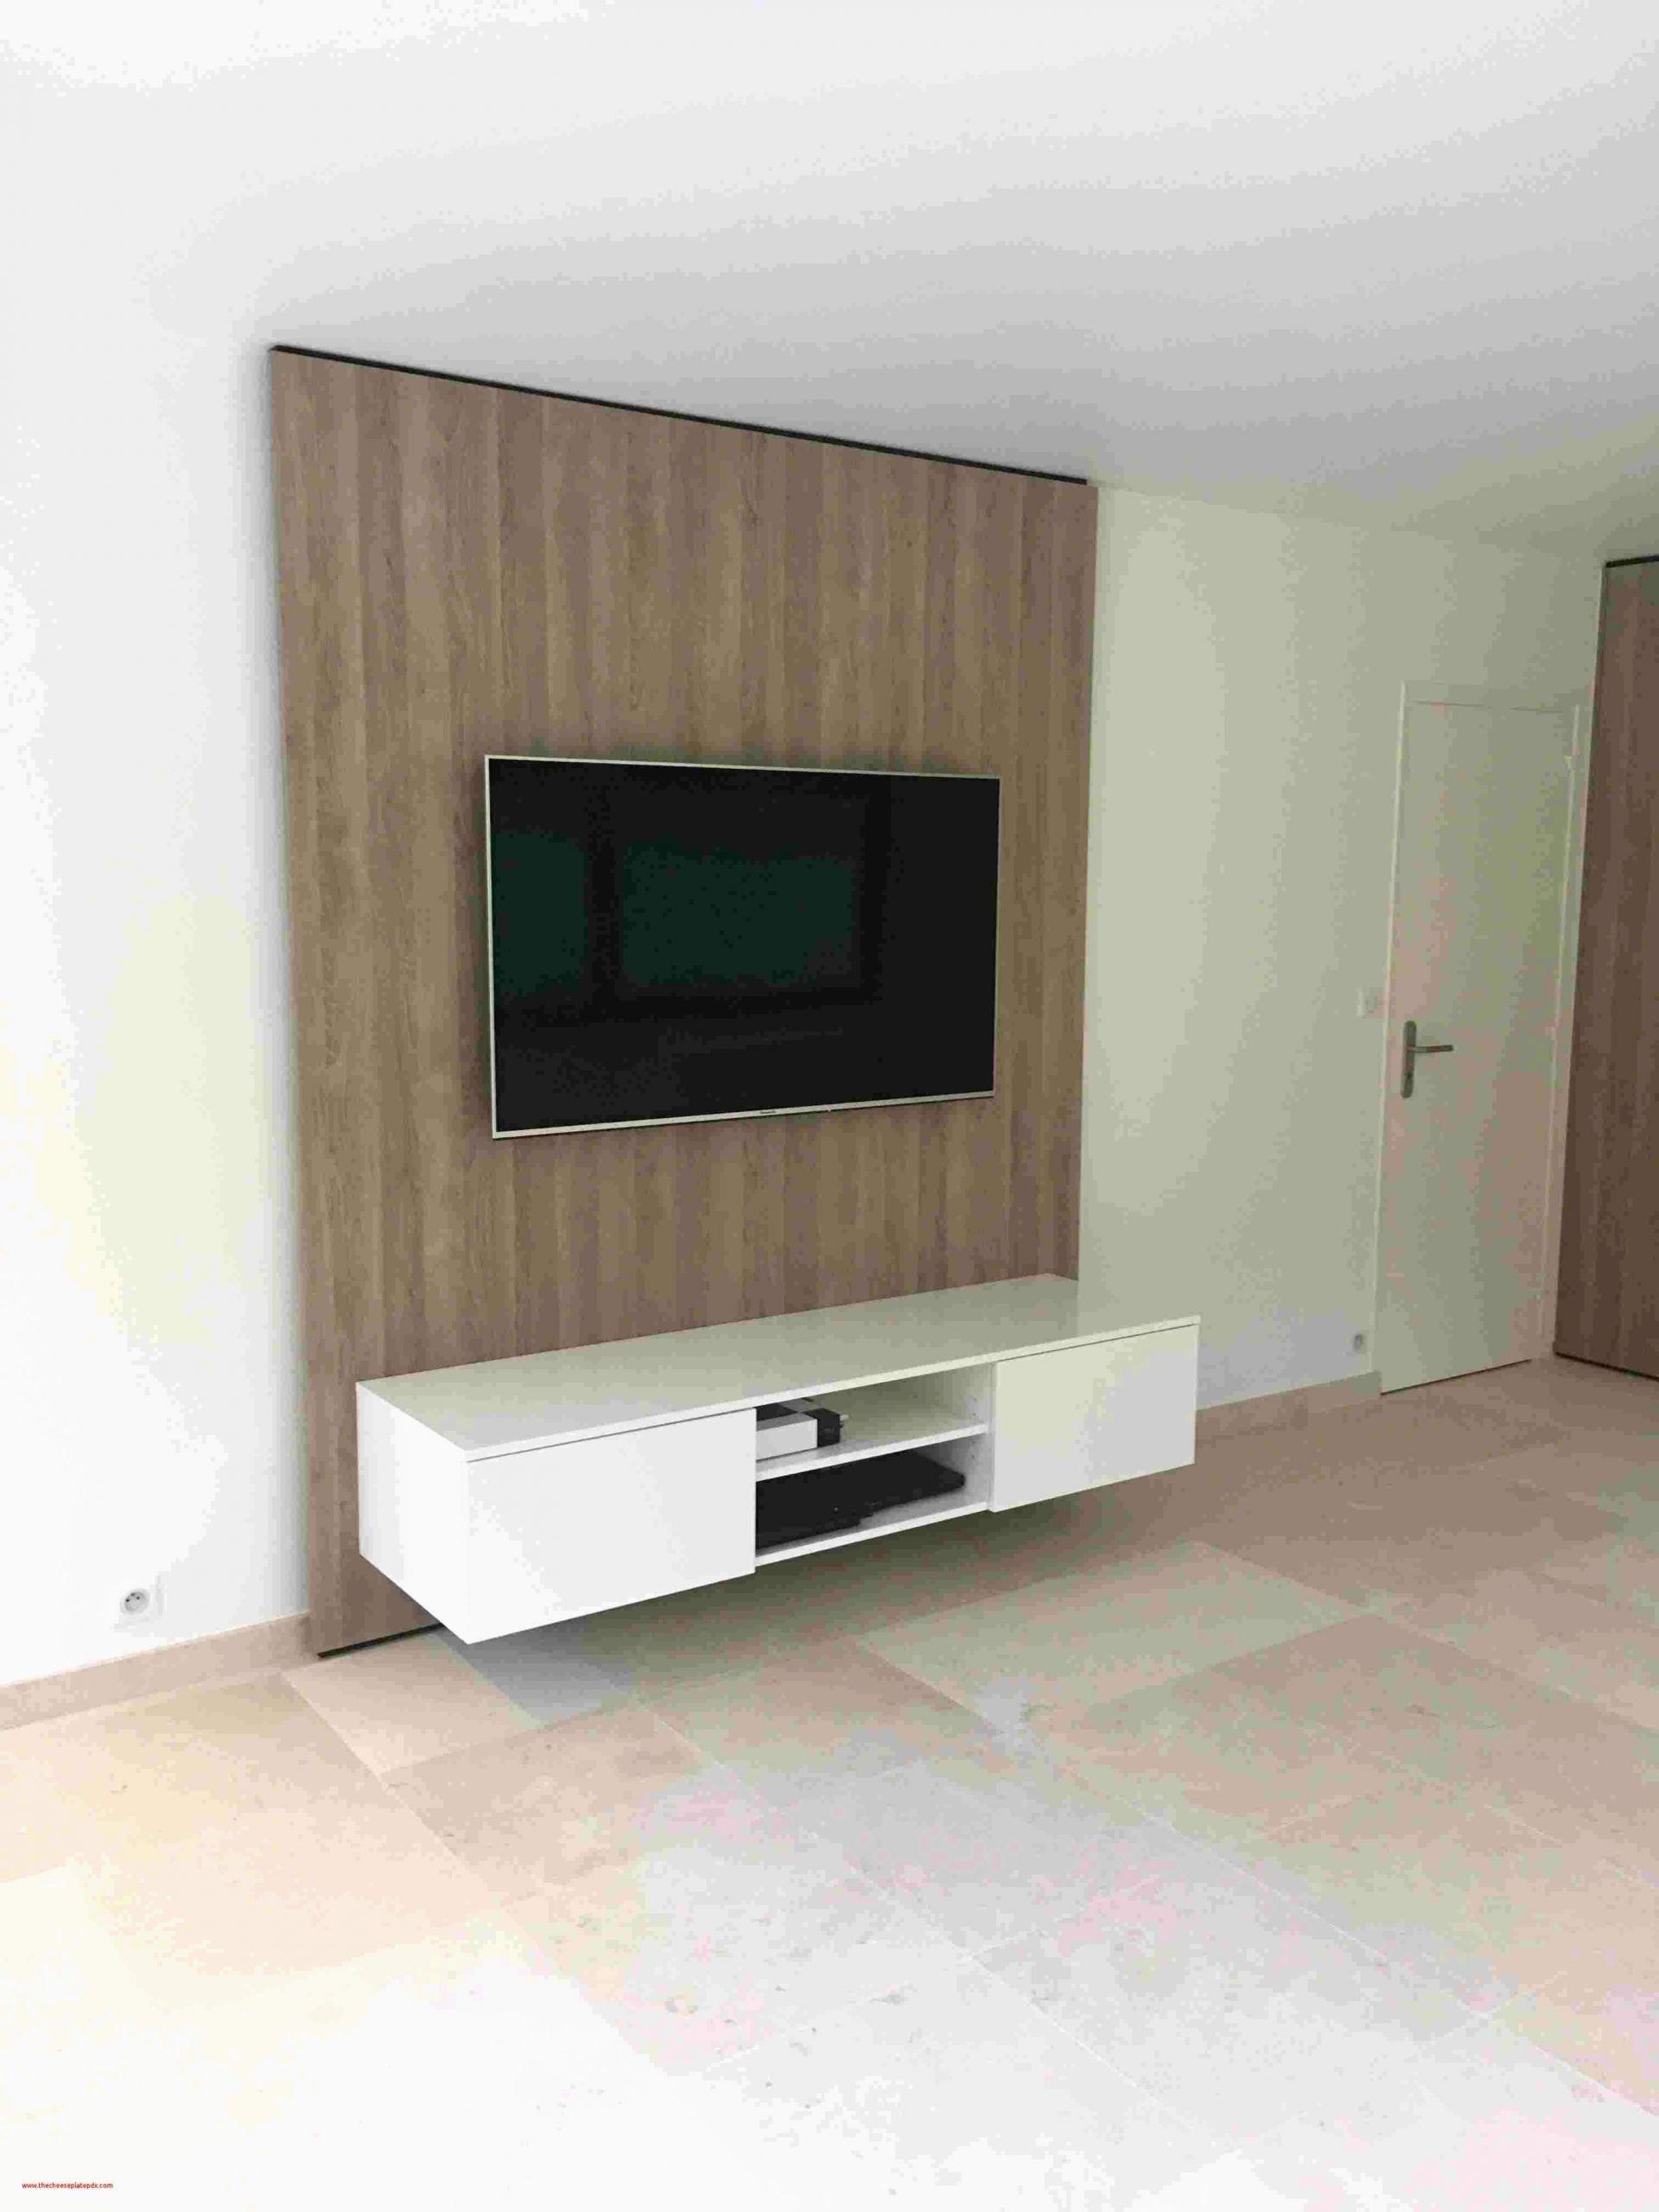 steinwand wohnzimmer tv frisch 42 schon garten steinwand bild i8scnd design of steinwand wohnzimmer tv scaled